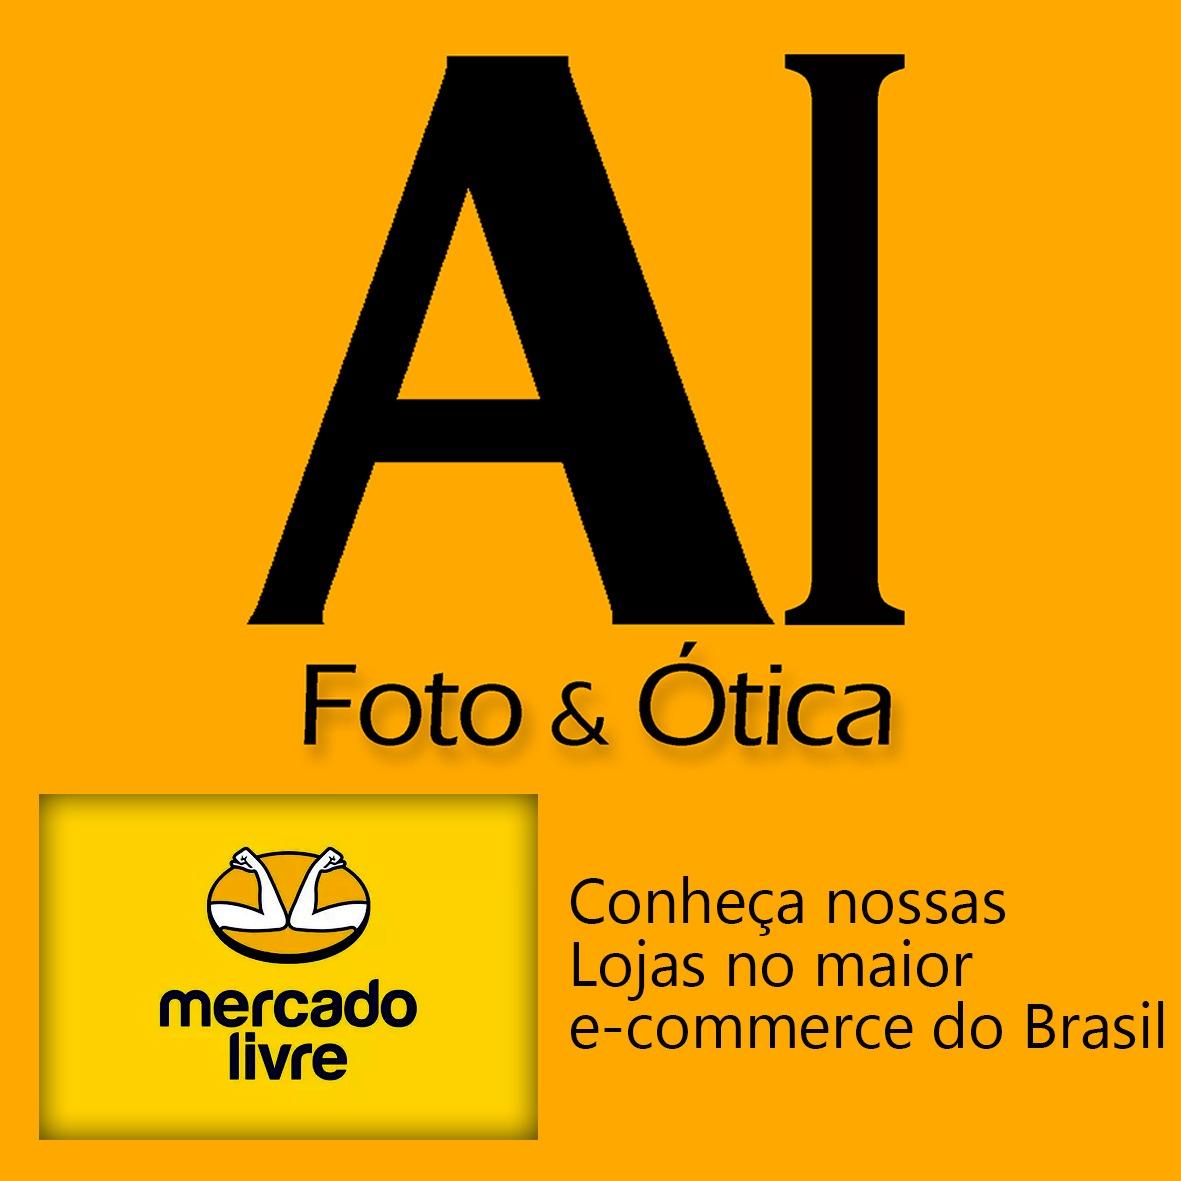 Antares Imagem Foto e Ótica